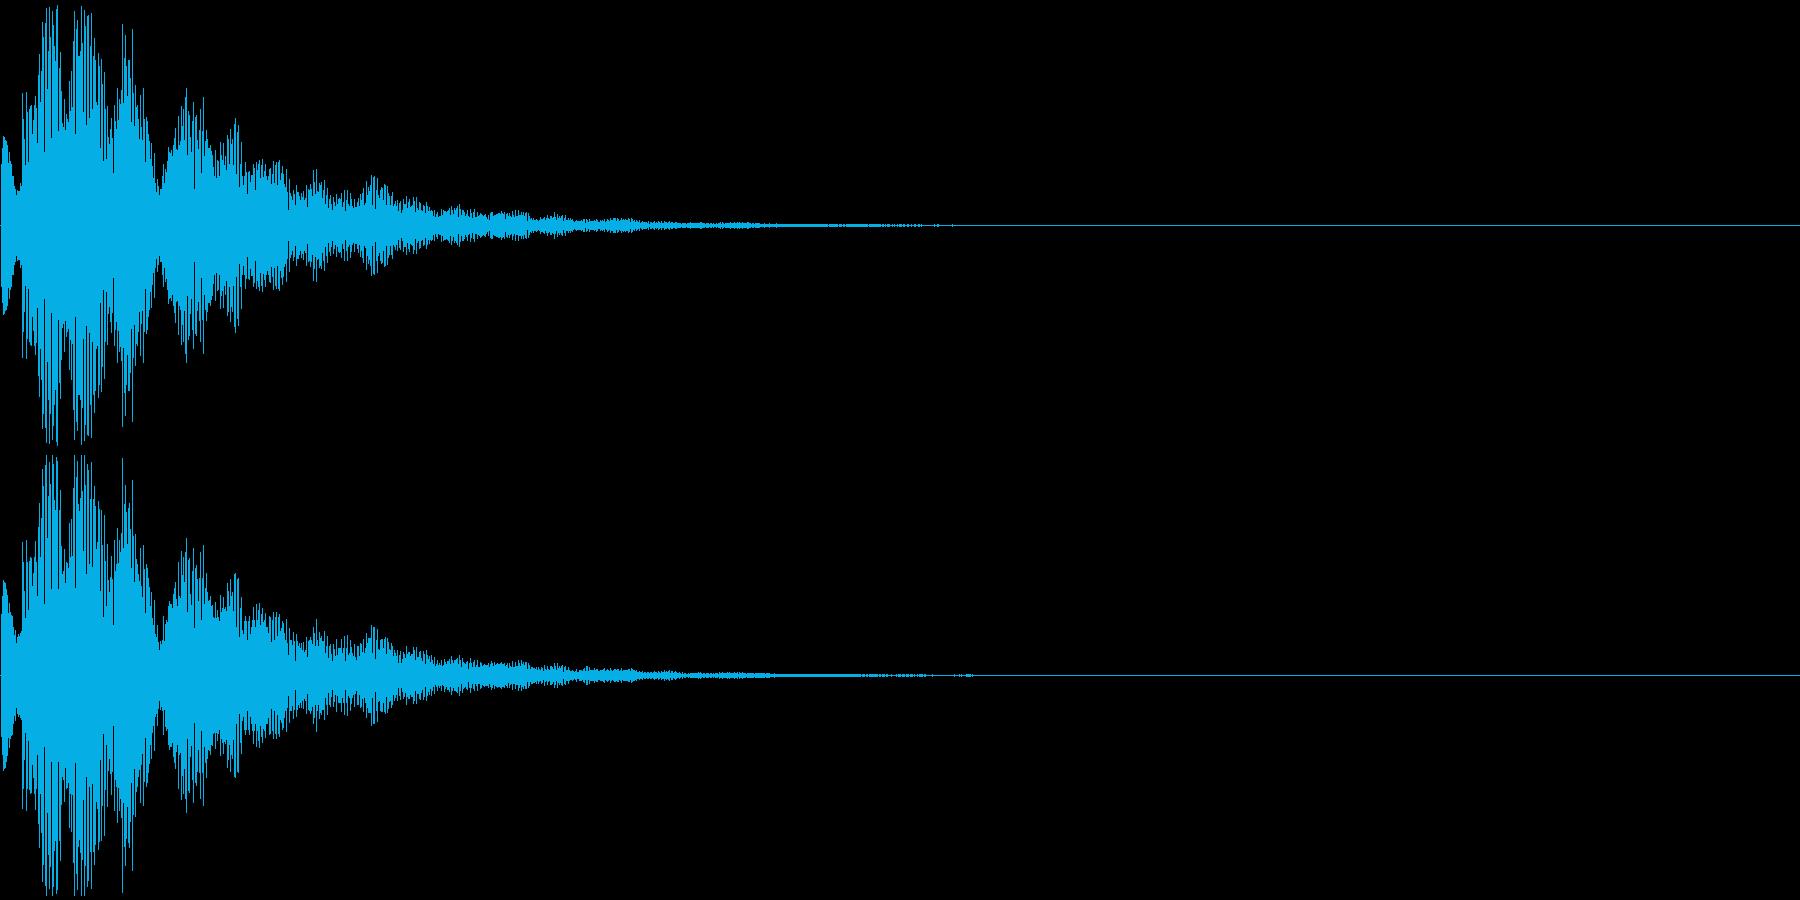 チャラーン・クリック音・アイテム出現の再生済みの波形